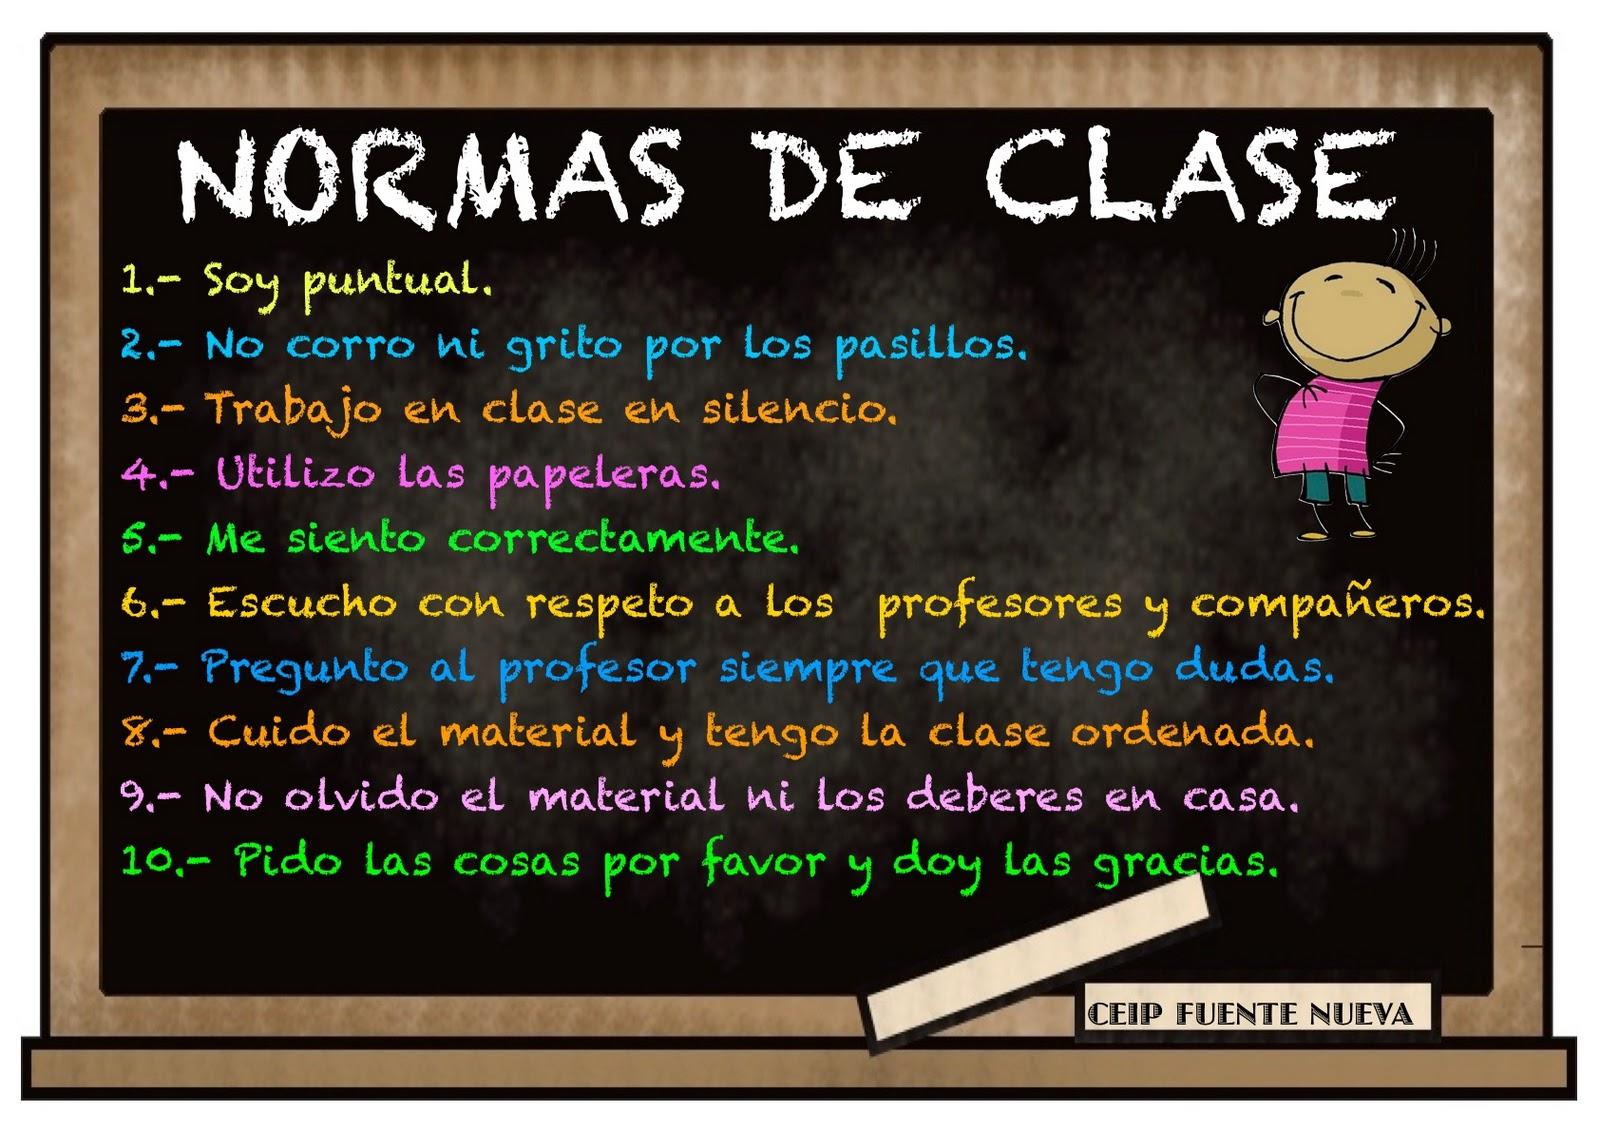 Educaci n f sica normas en clase for Actividades para el salon de clases de primaria